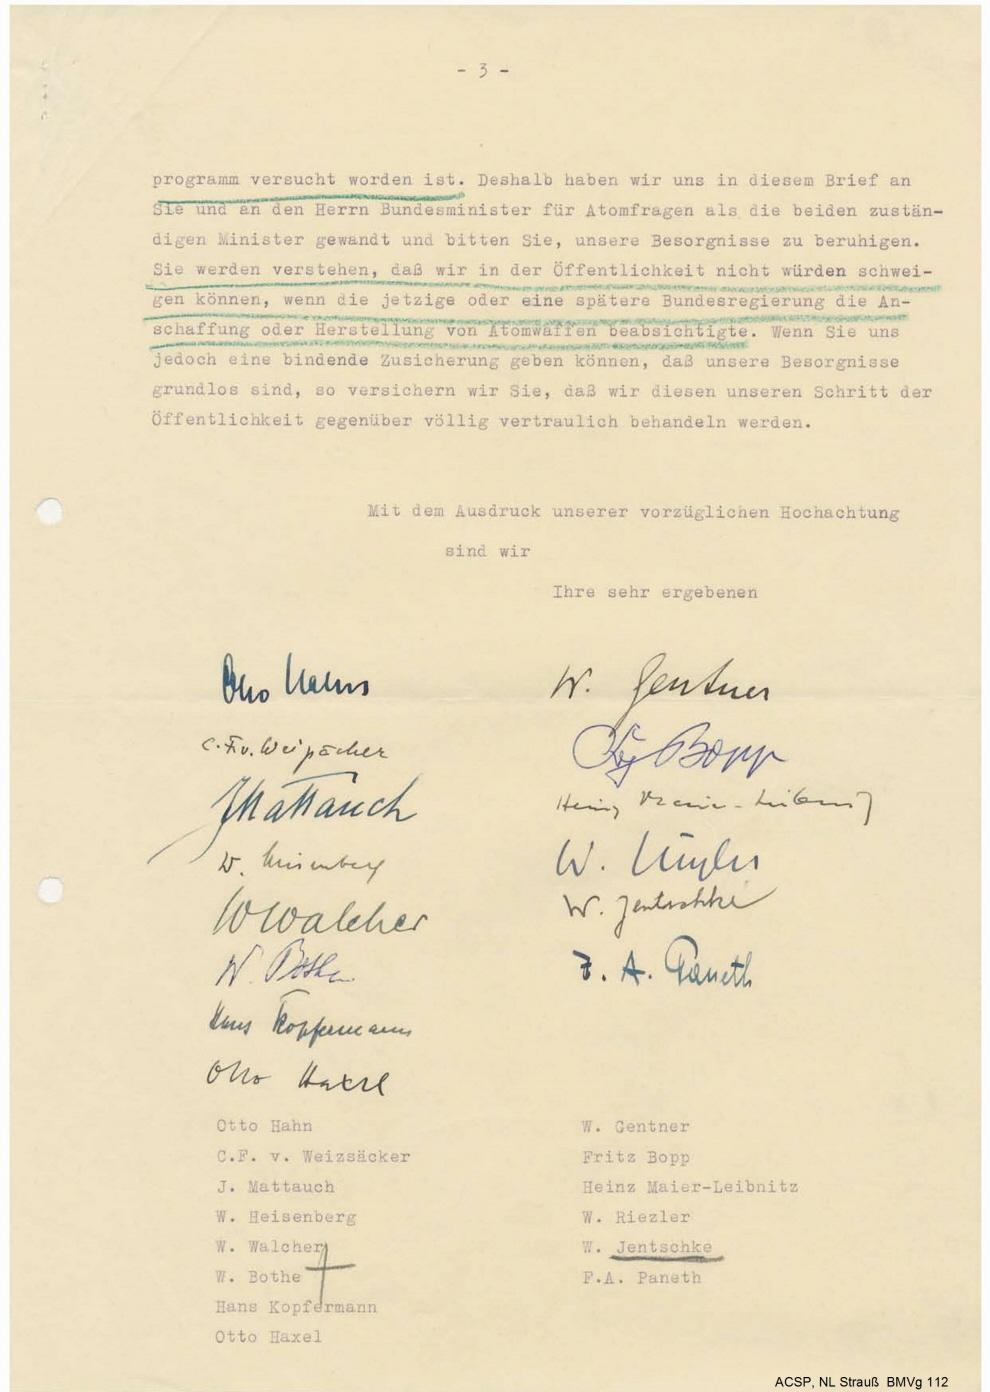 Dritte Seite des Schreibens vom 19. November 1956 mit den Unterschriften der vierzehn Atomwissenschaftler